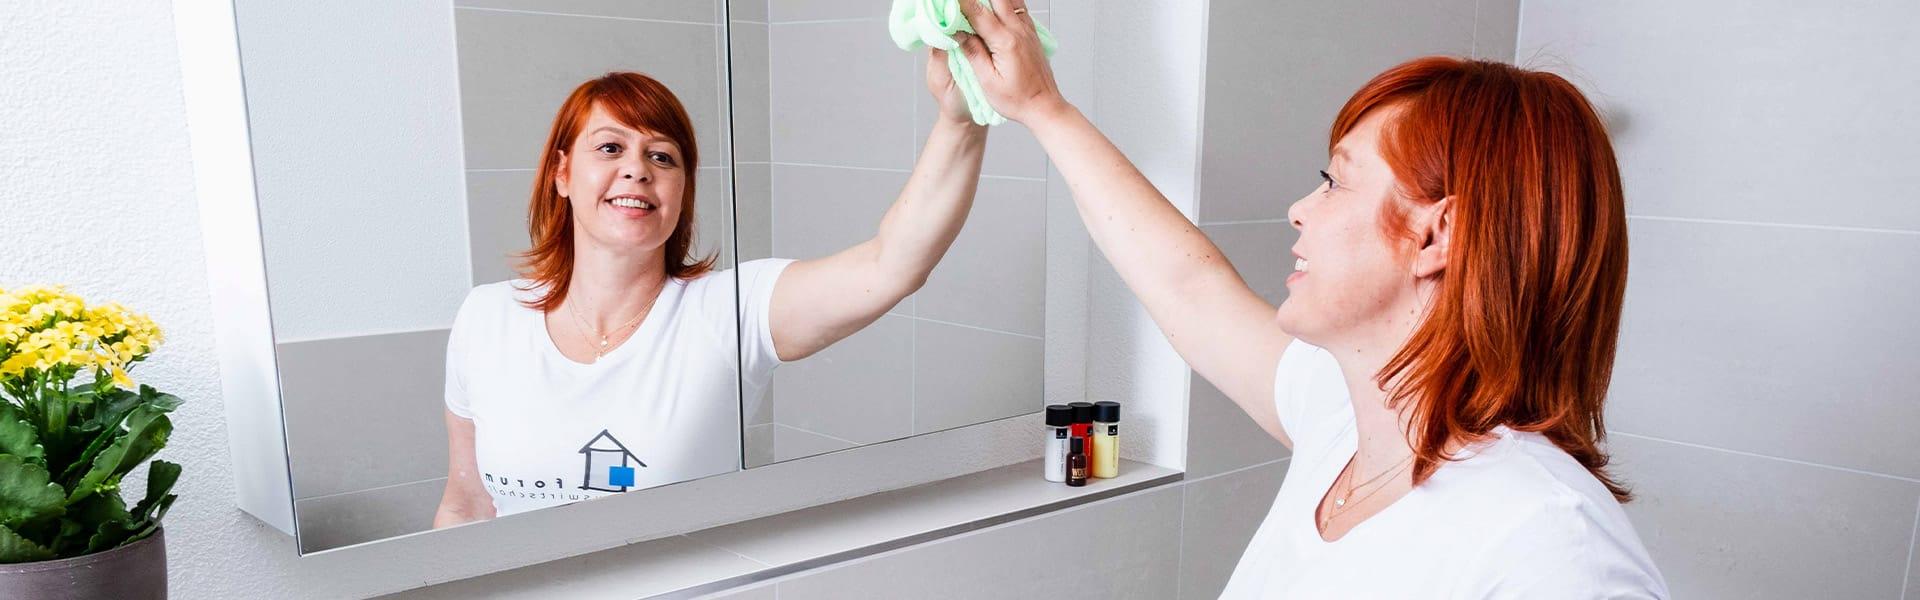 Reinigungsdienstleistungen